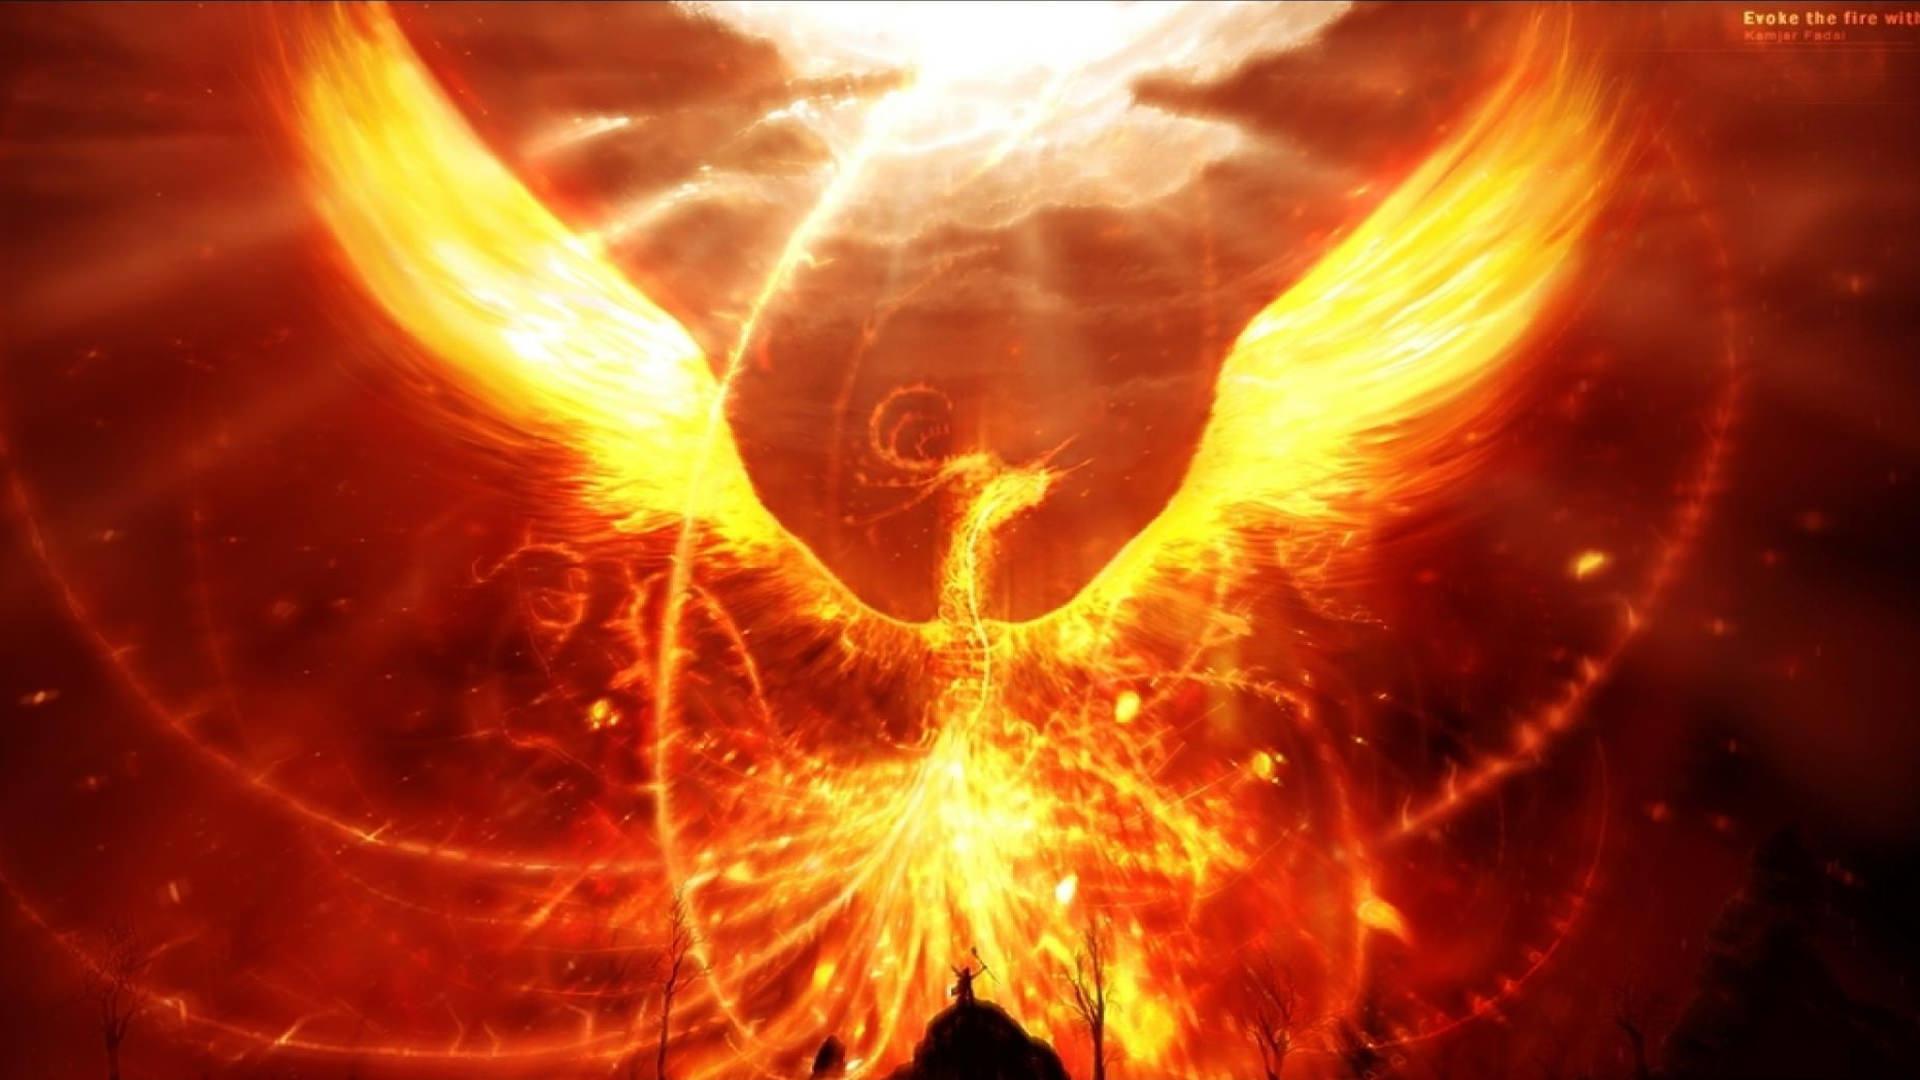 Fantasy Phoenix Fire Wallpaper